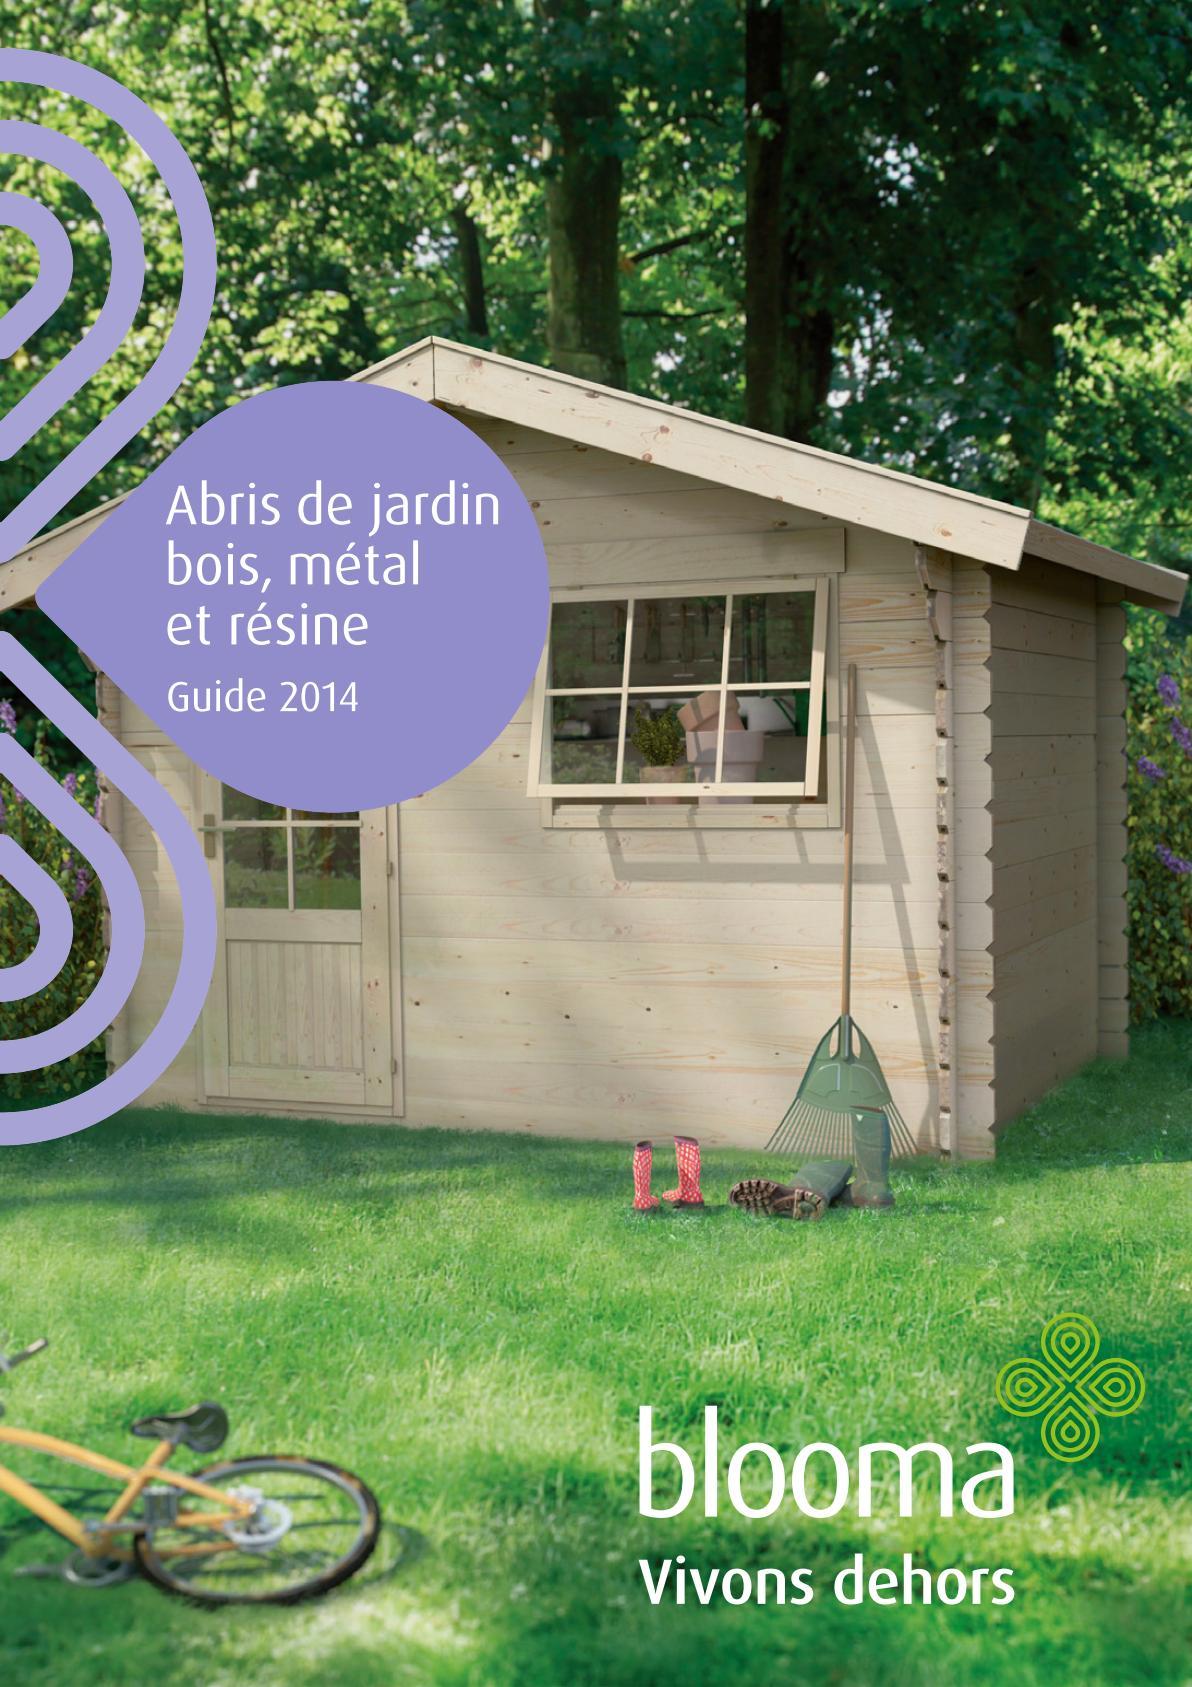 Catalogue Castorama Blooma Abris De Jardin Et Garages 2014 ... avec Blooma Abris De Jardin